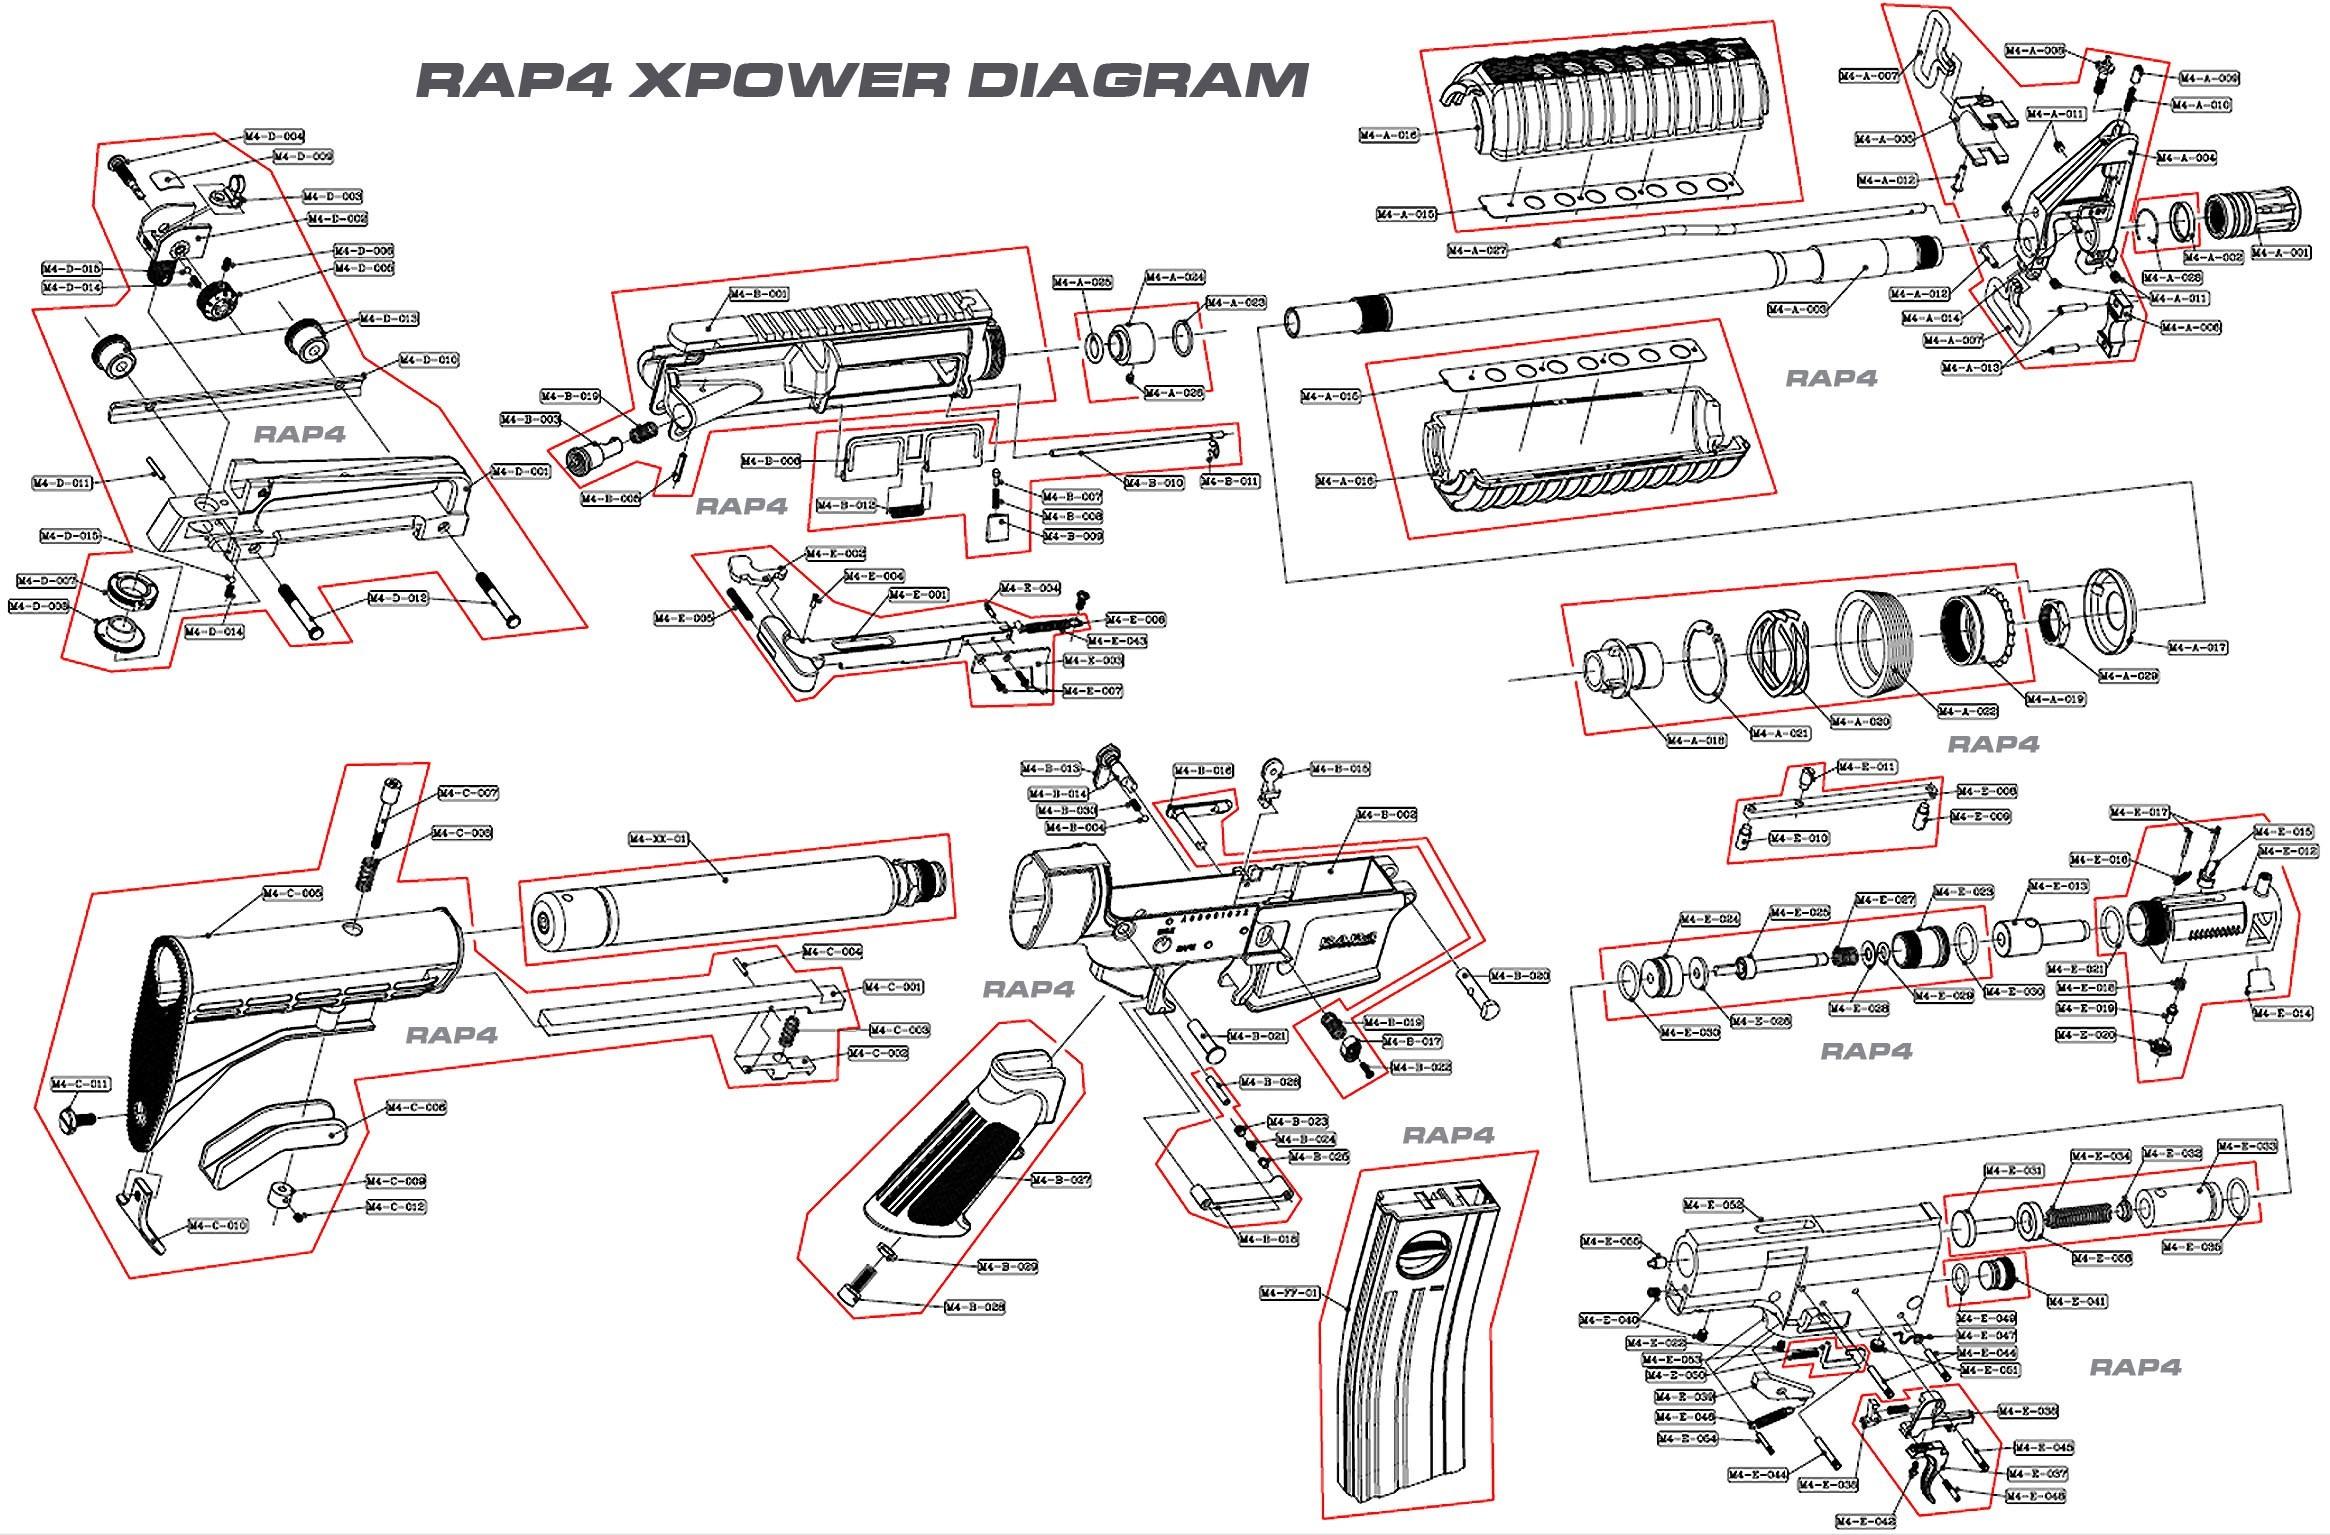 Car Parts List Diagram Car Parts Diagram Names Of Car Parts List Diagram